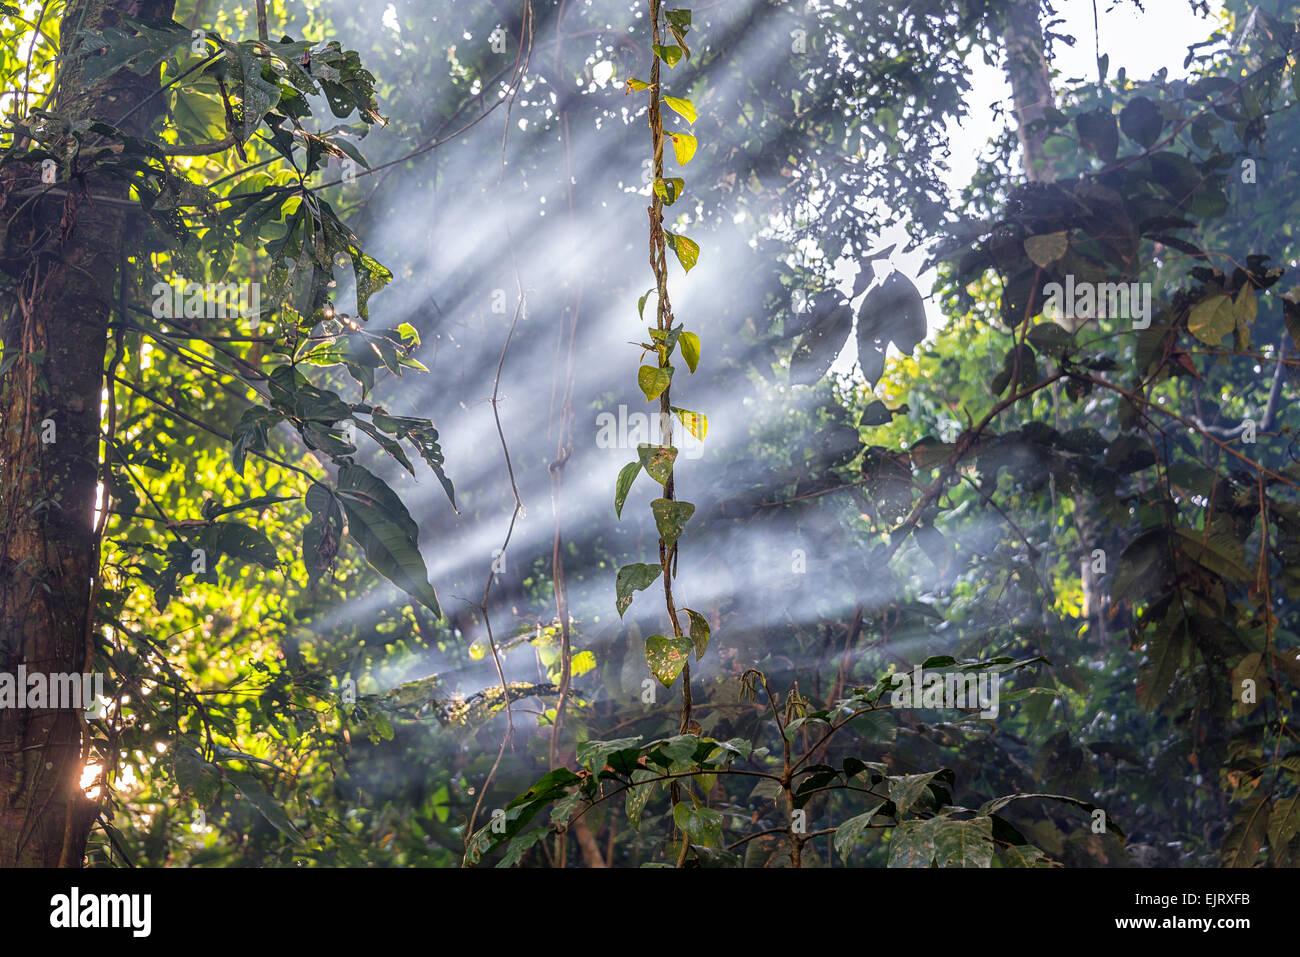 Des poutres comme passer à travers la fumée dans la forêt amazonienne près d'Iquitos, Pérou Photo Stock